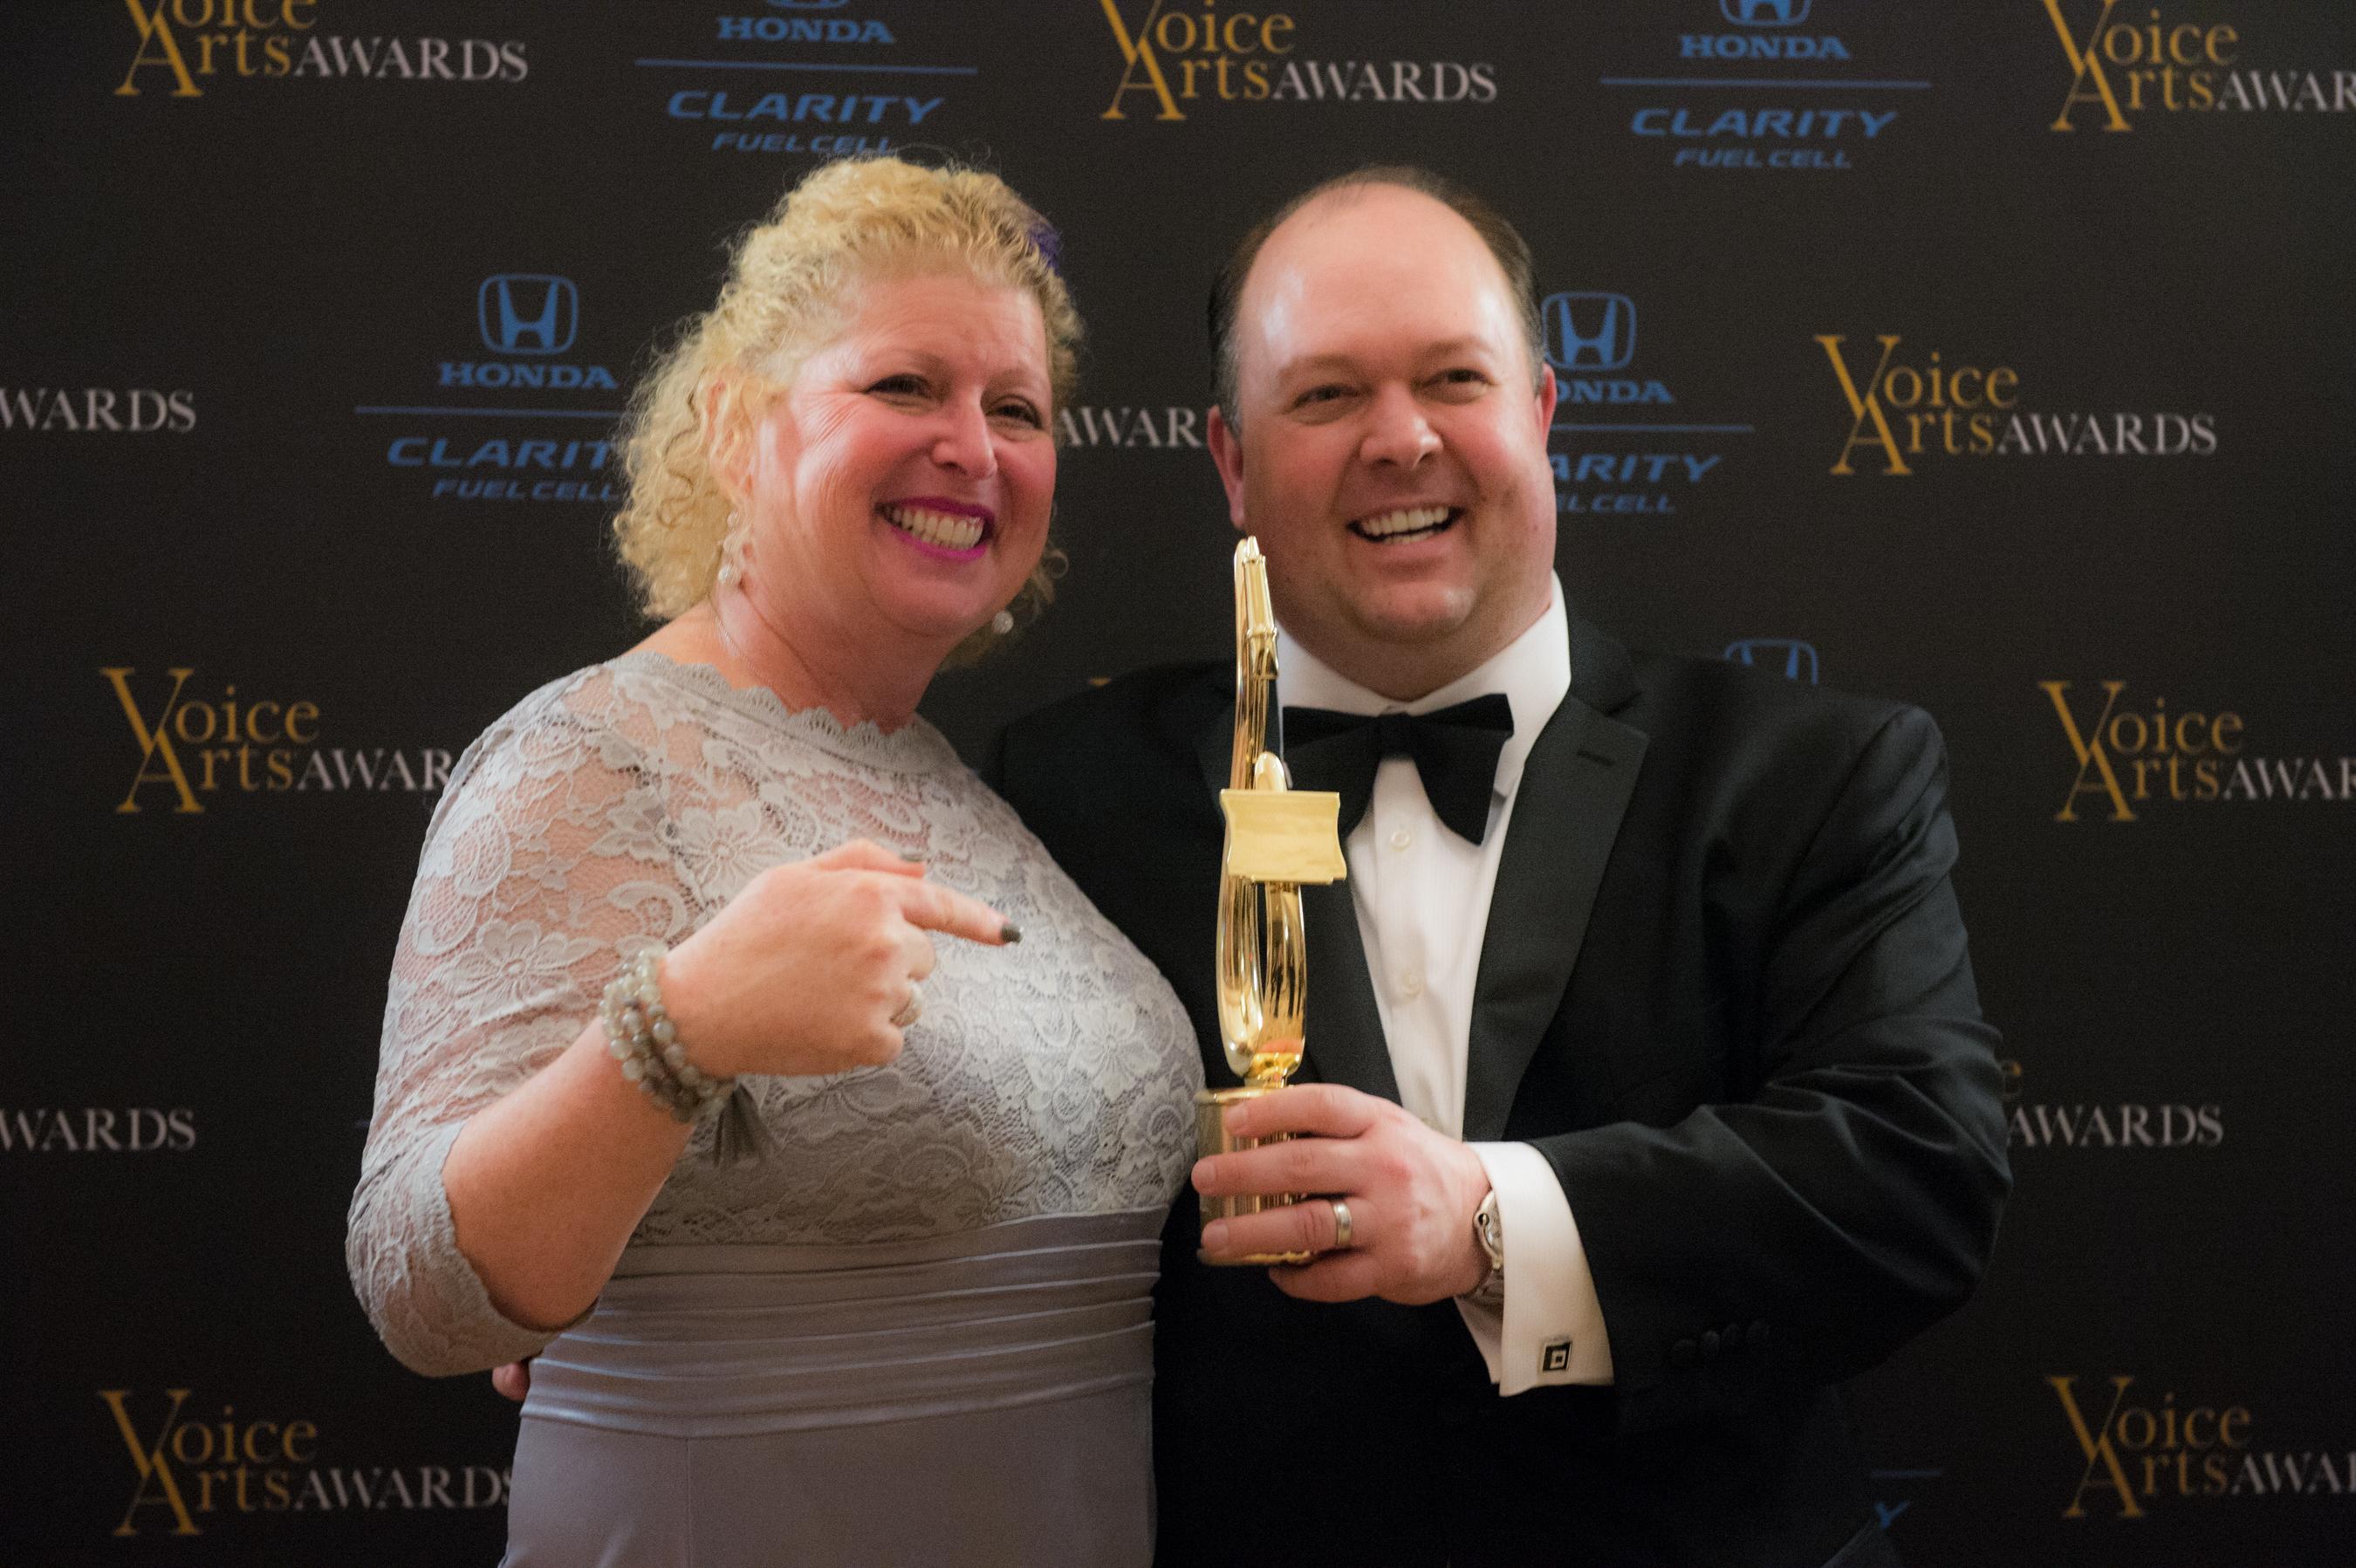 Demo client Susan Bernard, winner of the 2016 Voice Arts Award